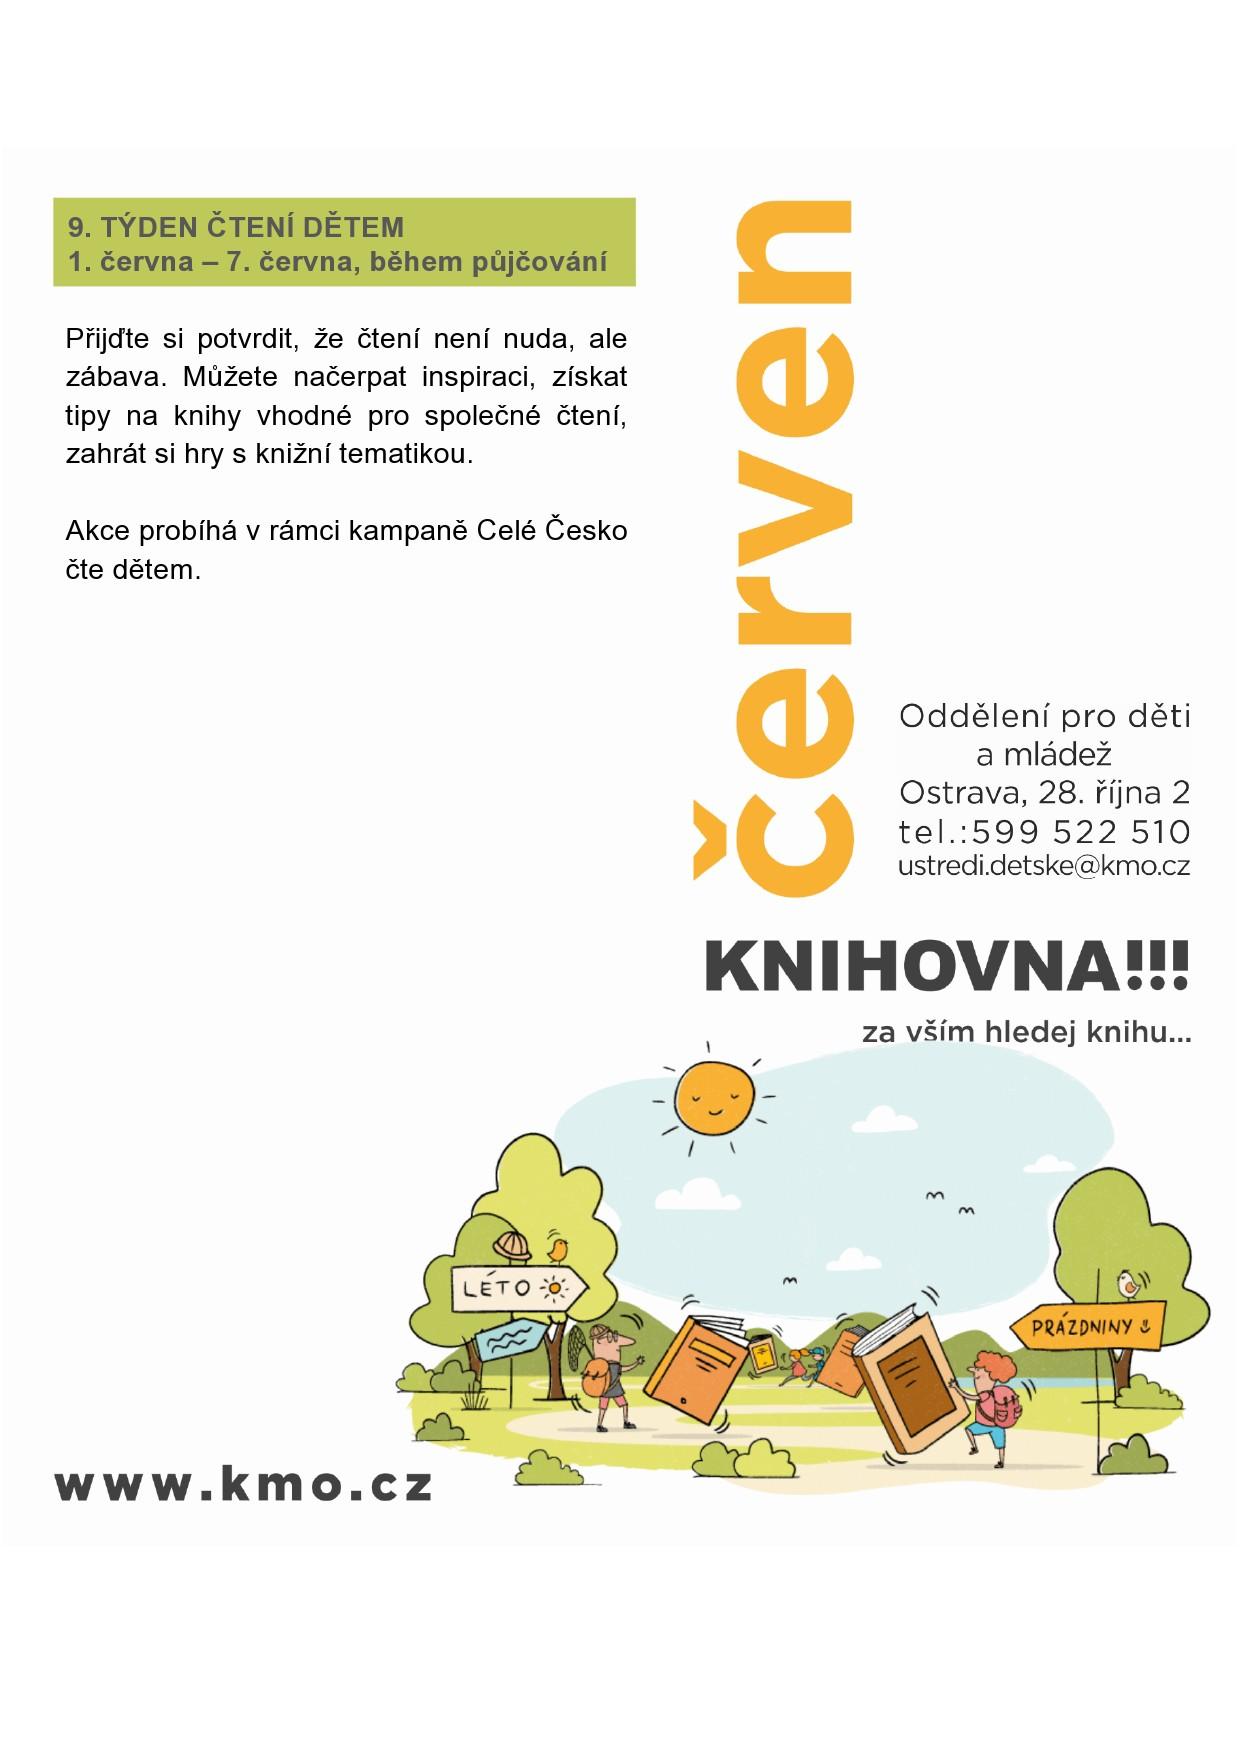 DEVÁTÝ TÝDEN ČTENÍ DĚTEM 1. června – 7. června, během půjčování Přijďte si potvrdit, že čtení není nuda, ale zábava. Můžete načerpat inspiraci, získat tipy na knihy vhodné pro společné čtení, zahrát si hry s knižní tematikou.  Akce probíhá v rámci kampaně Celé Česko čte dětem v Oddělení pro děti a mládež,ul. 28. října 2, 702 00 Ostrava